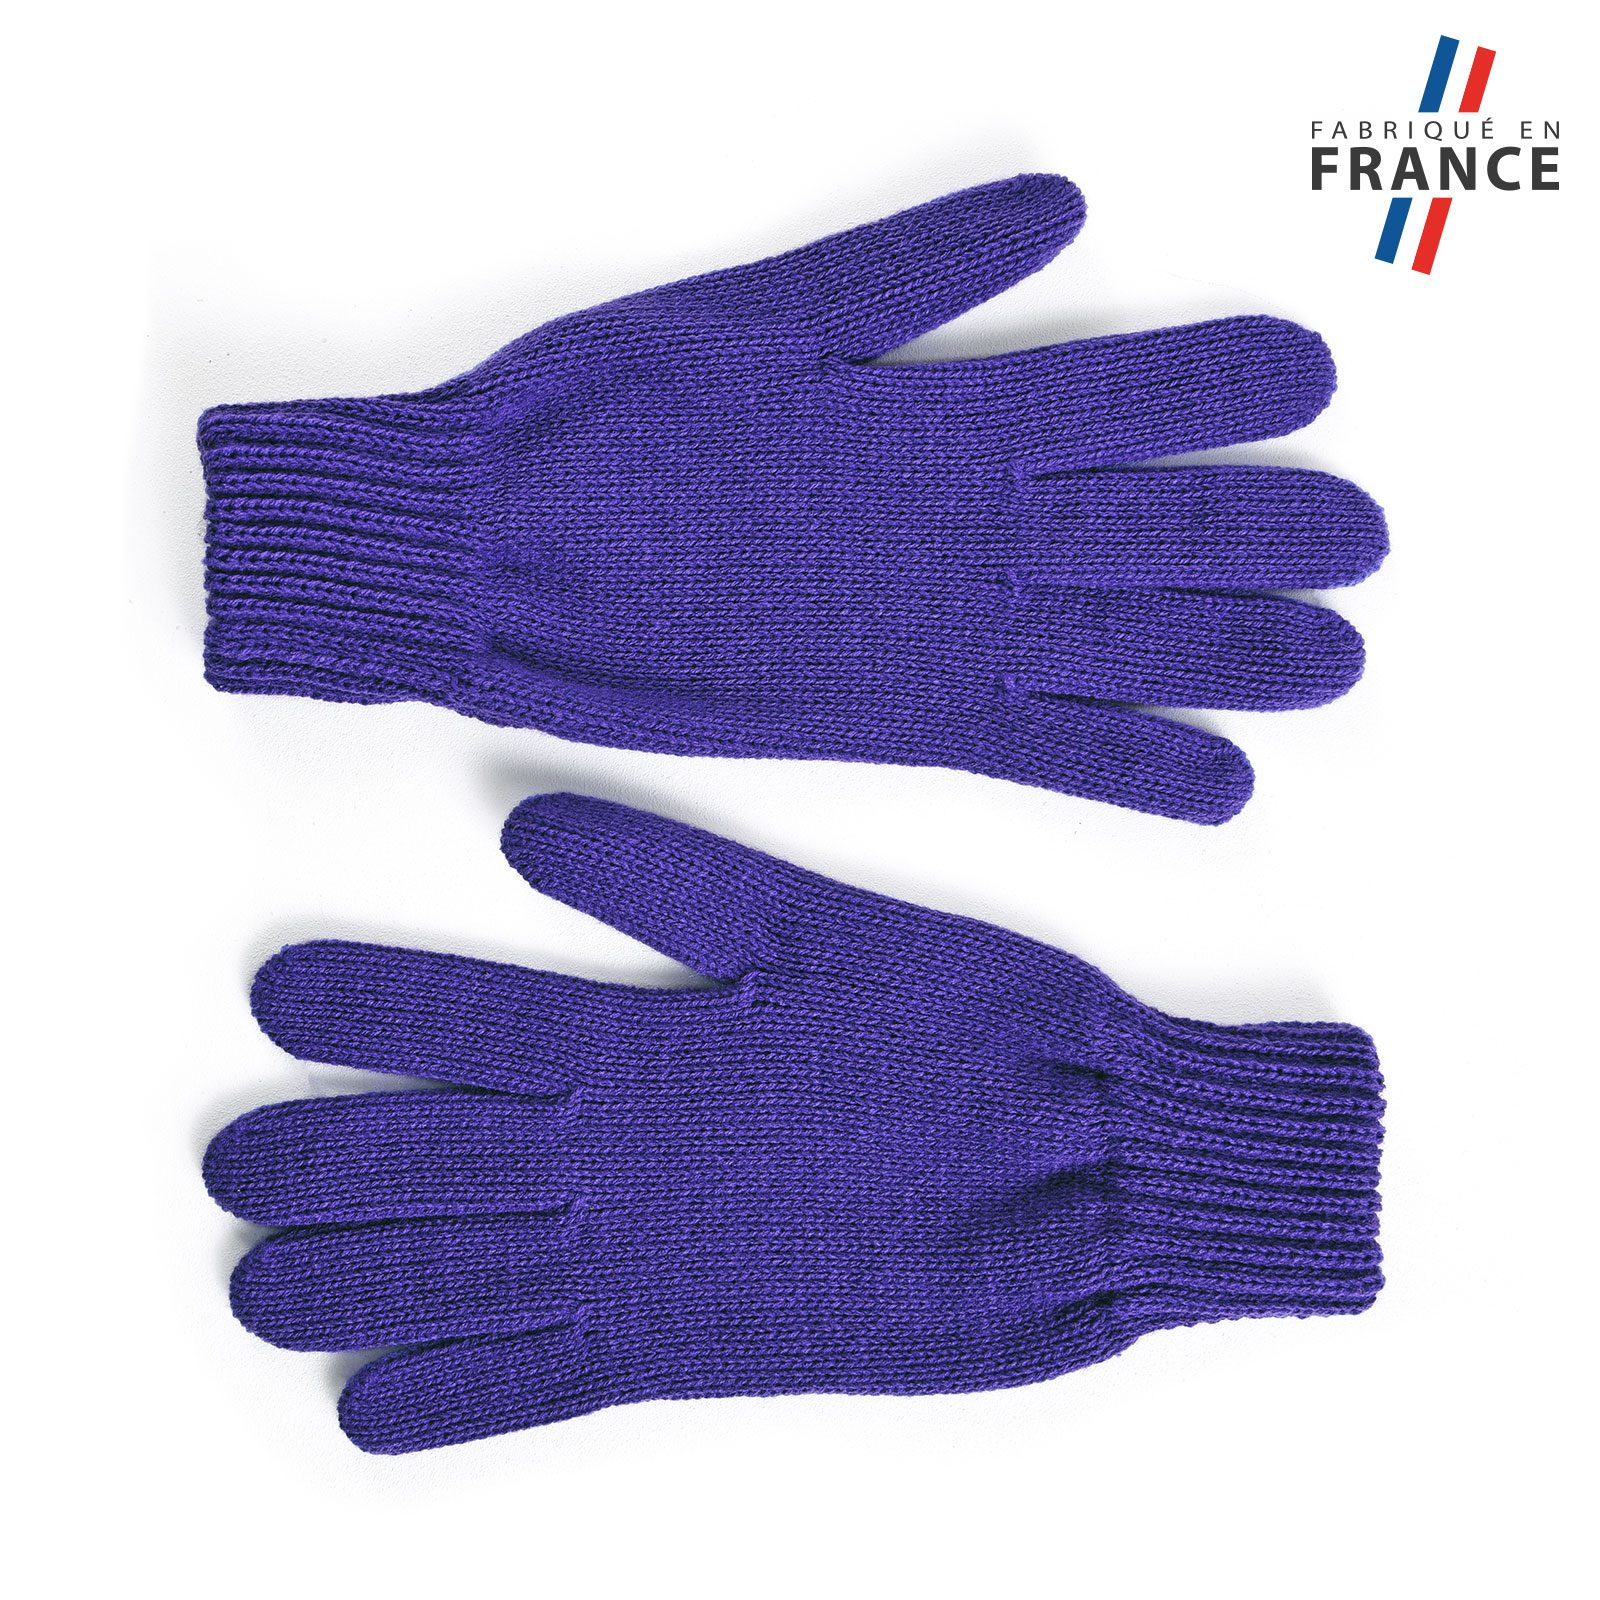 http://lookbook.allee-du-foulard.fr/wp-content/uploads/2018/11/GA-00005-A16-LB_FR-gants-femme-violet-1600x1600.jpg